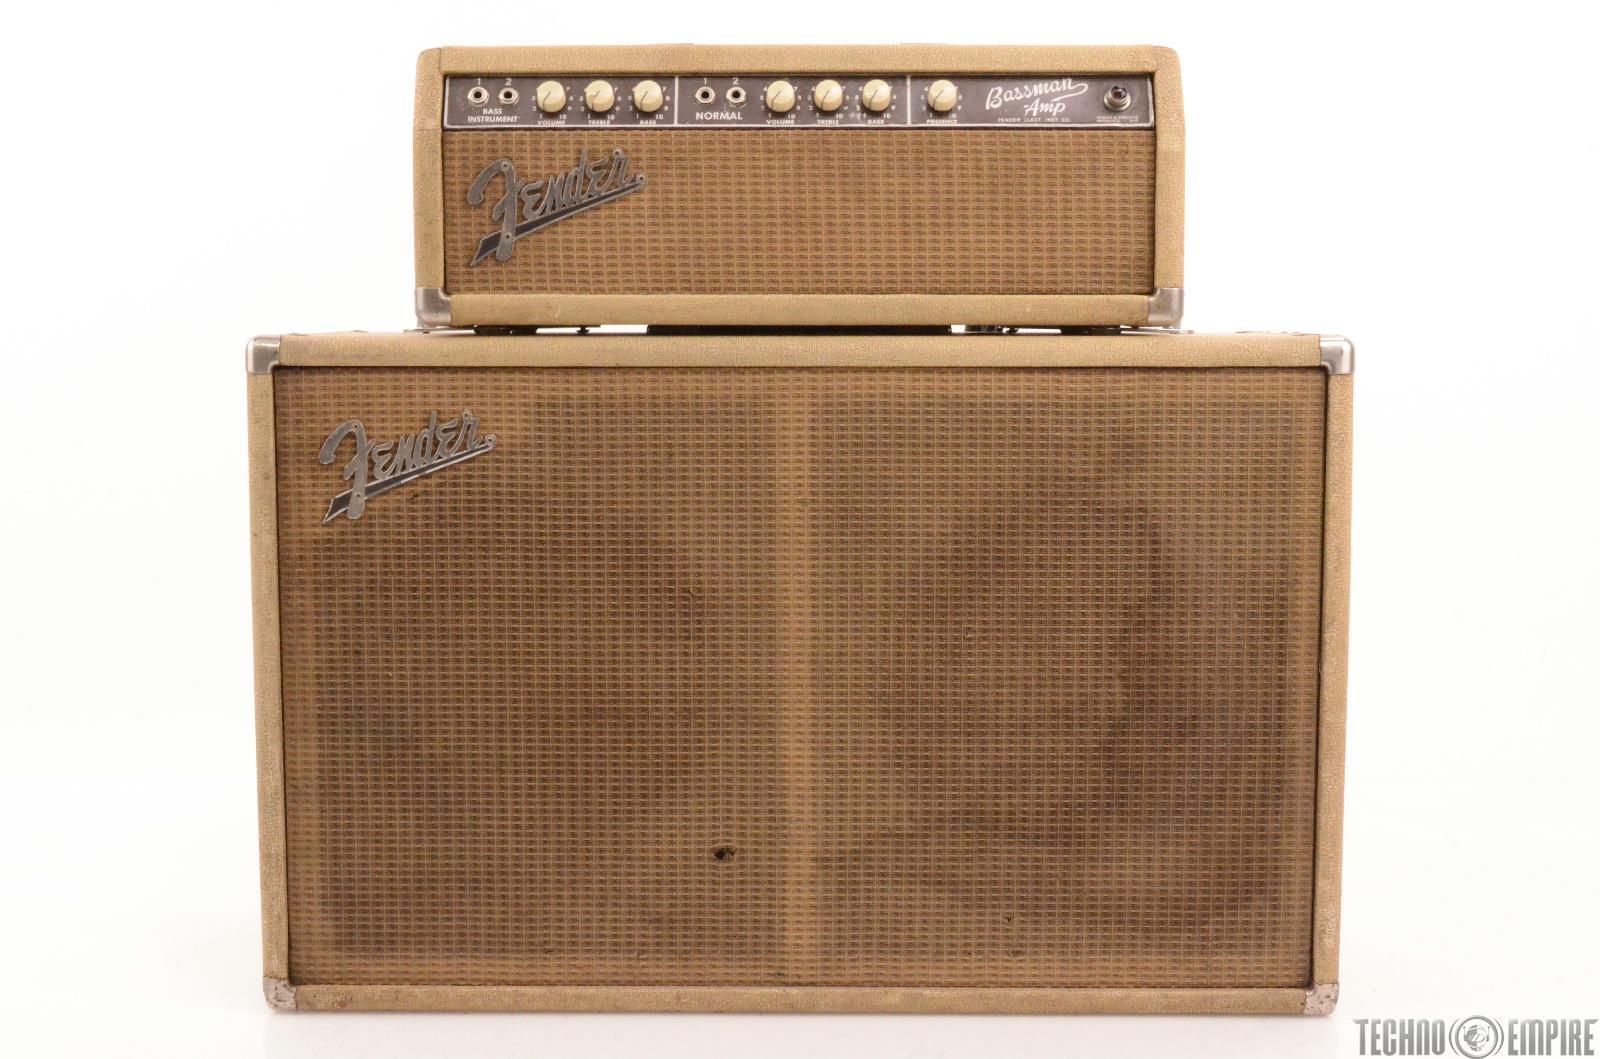 1963 fender bassman amp 6g6 b tube amplifier piggy back half stack blonde 26932 ebay. Black Bedroom Furniture Sets. Home Design Ideas